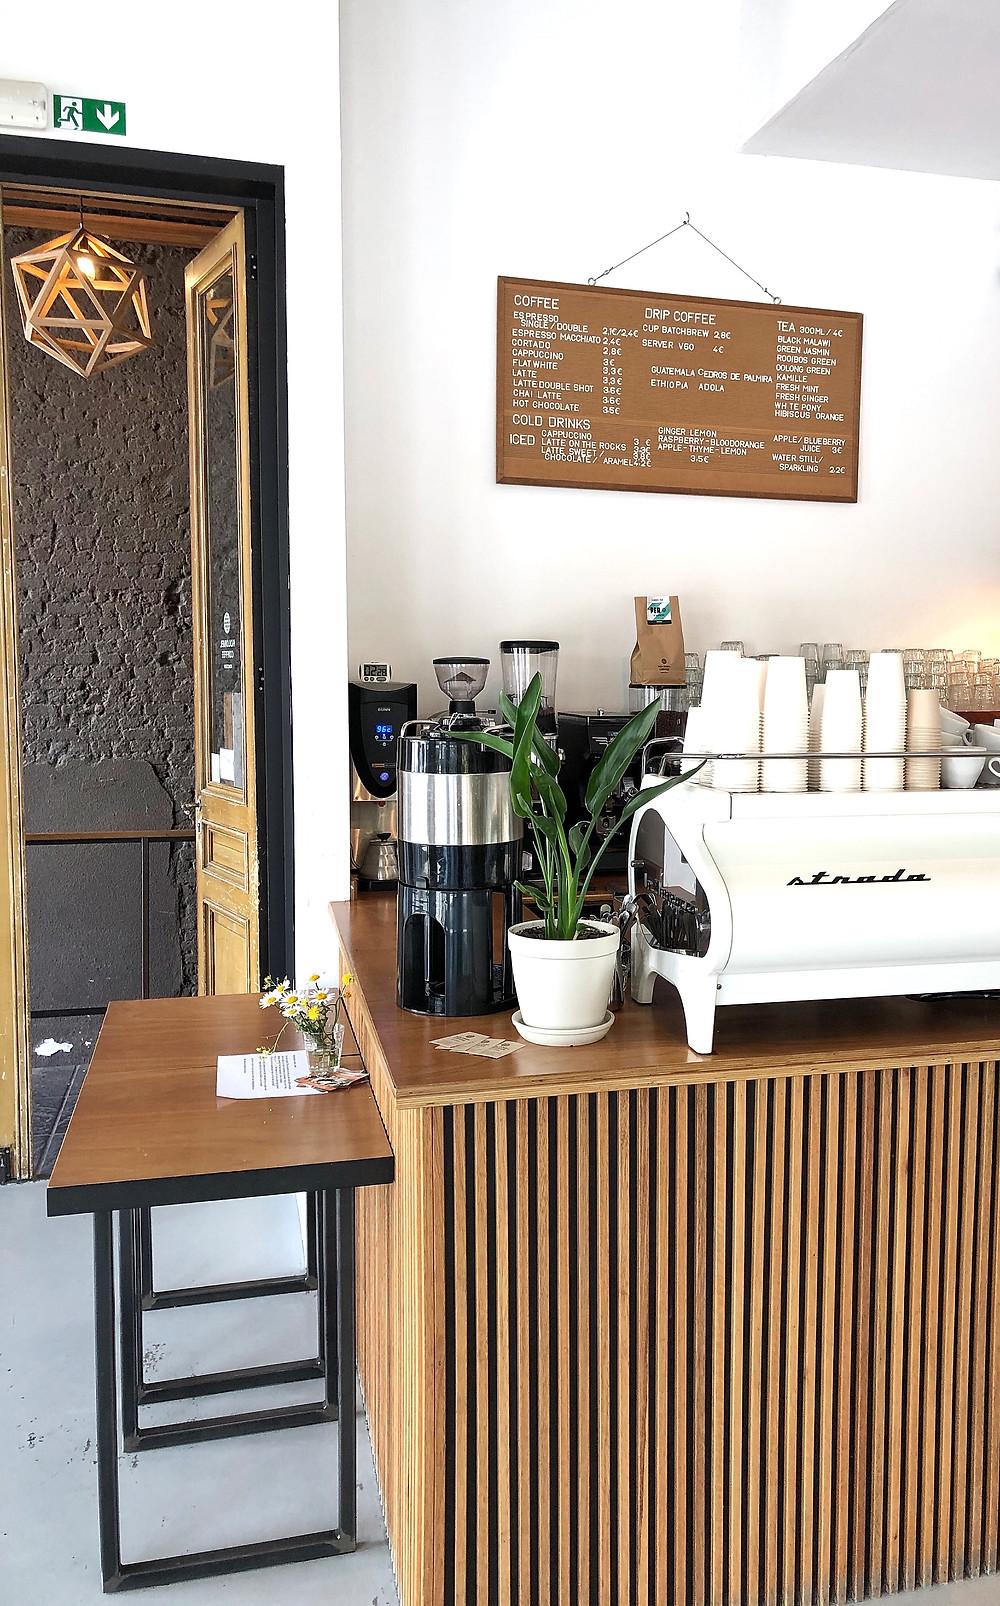 Kolonel Coffee Roastery & Bar, Antwerp